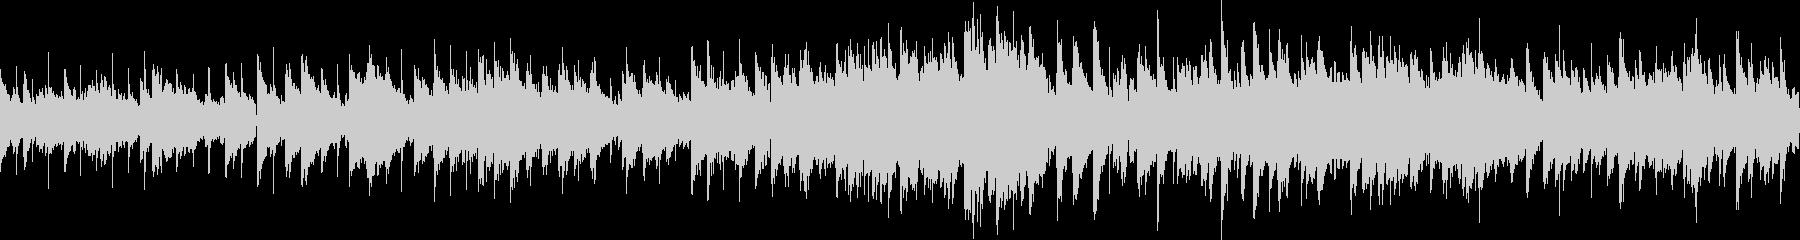 ジャズ調のバラードBGM (ループ仕様)の未再生の波形